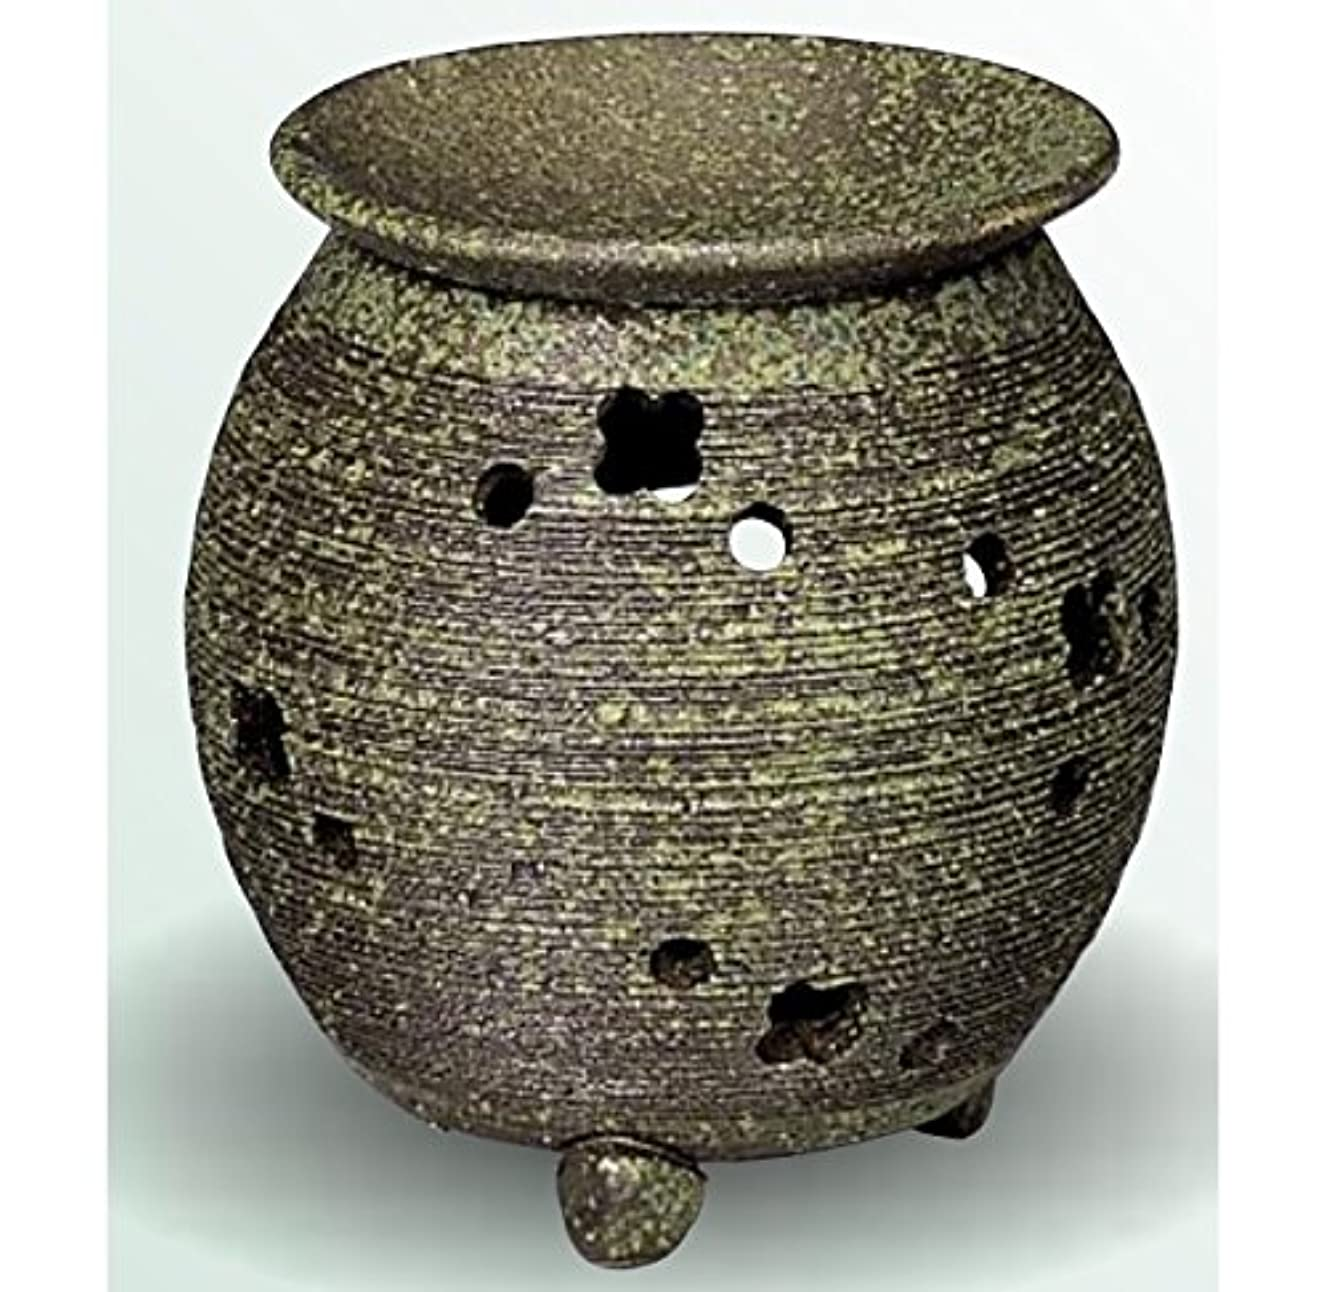 ケニア尊敬する膨らみ常滑焼 茶香炉(アロマポット) 径10×高さ11.5cm